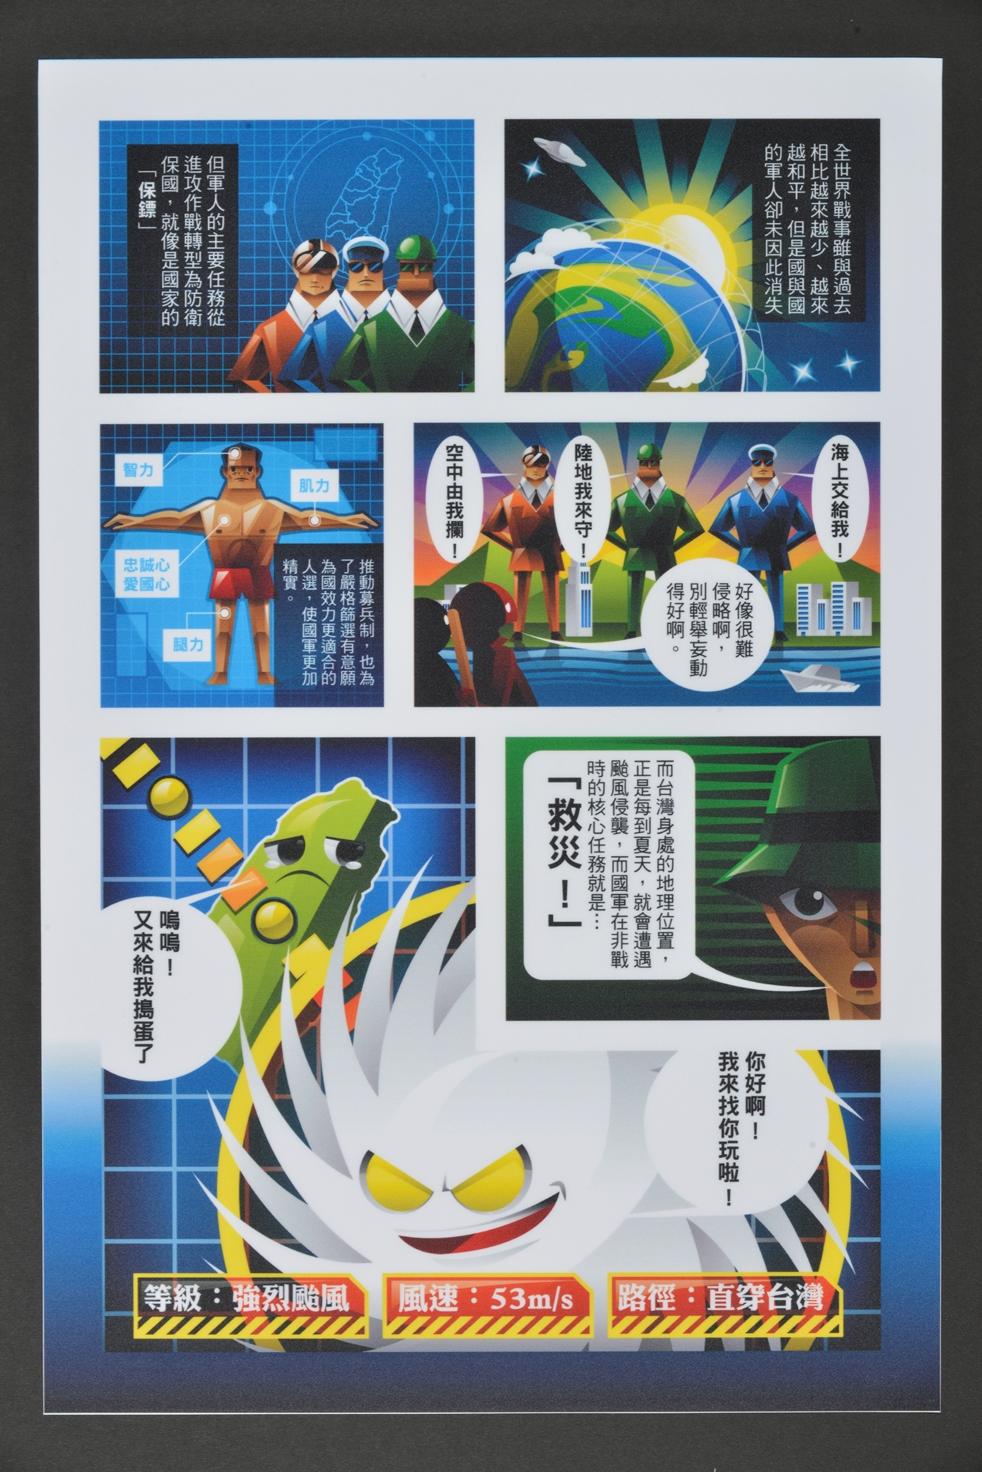 49屆漫畫類金像獎作品_英雄講座6_周睿紘.jpg